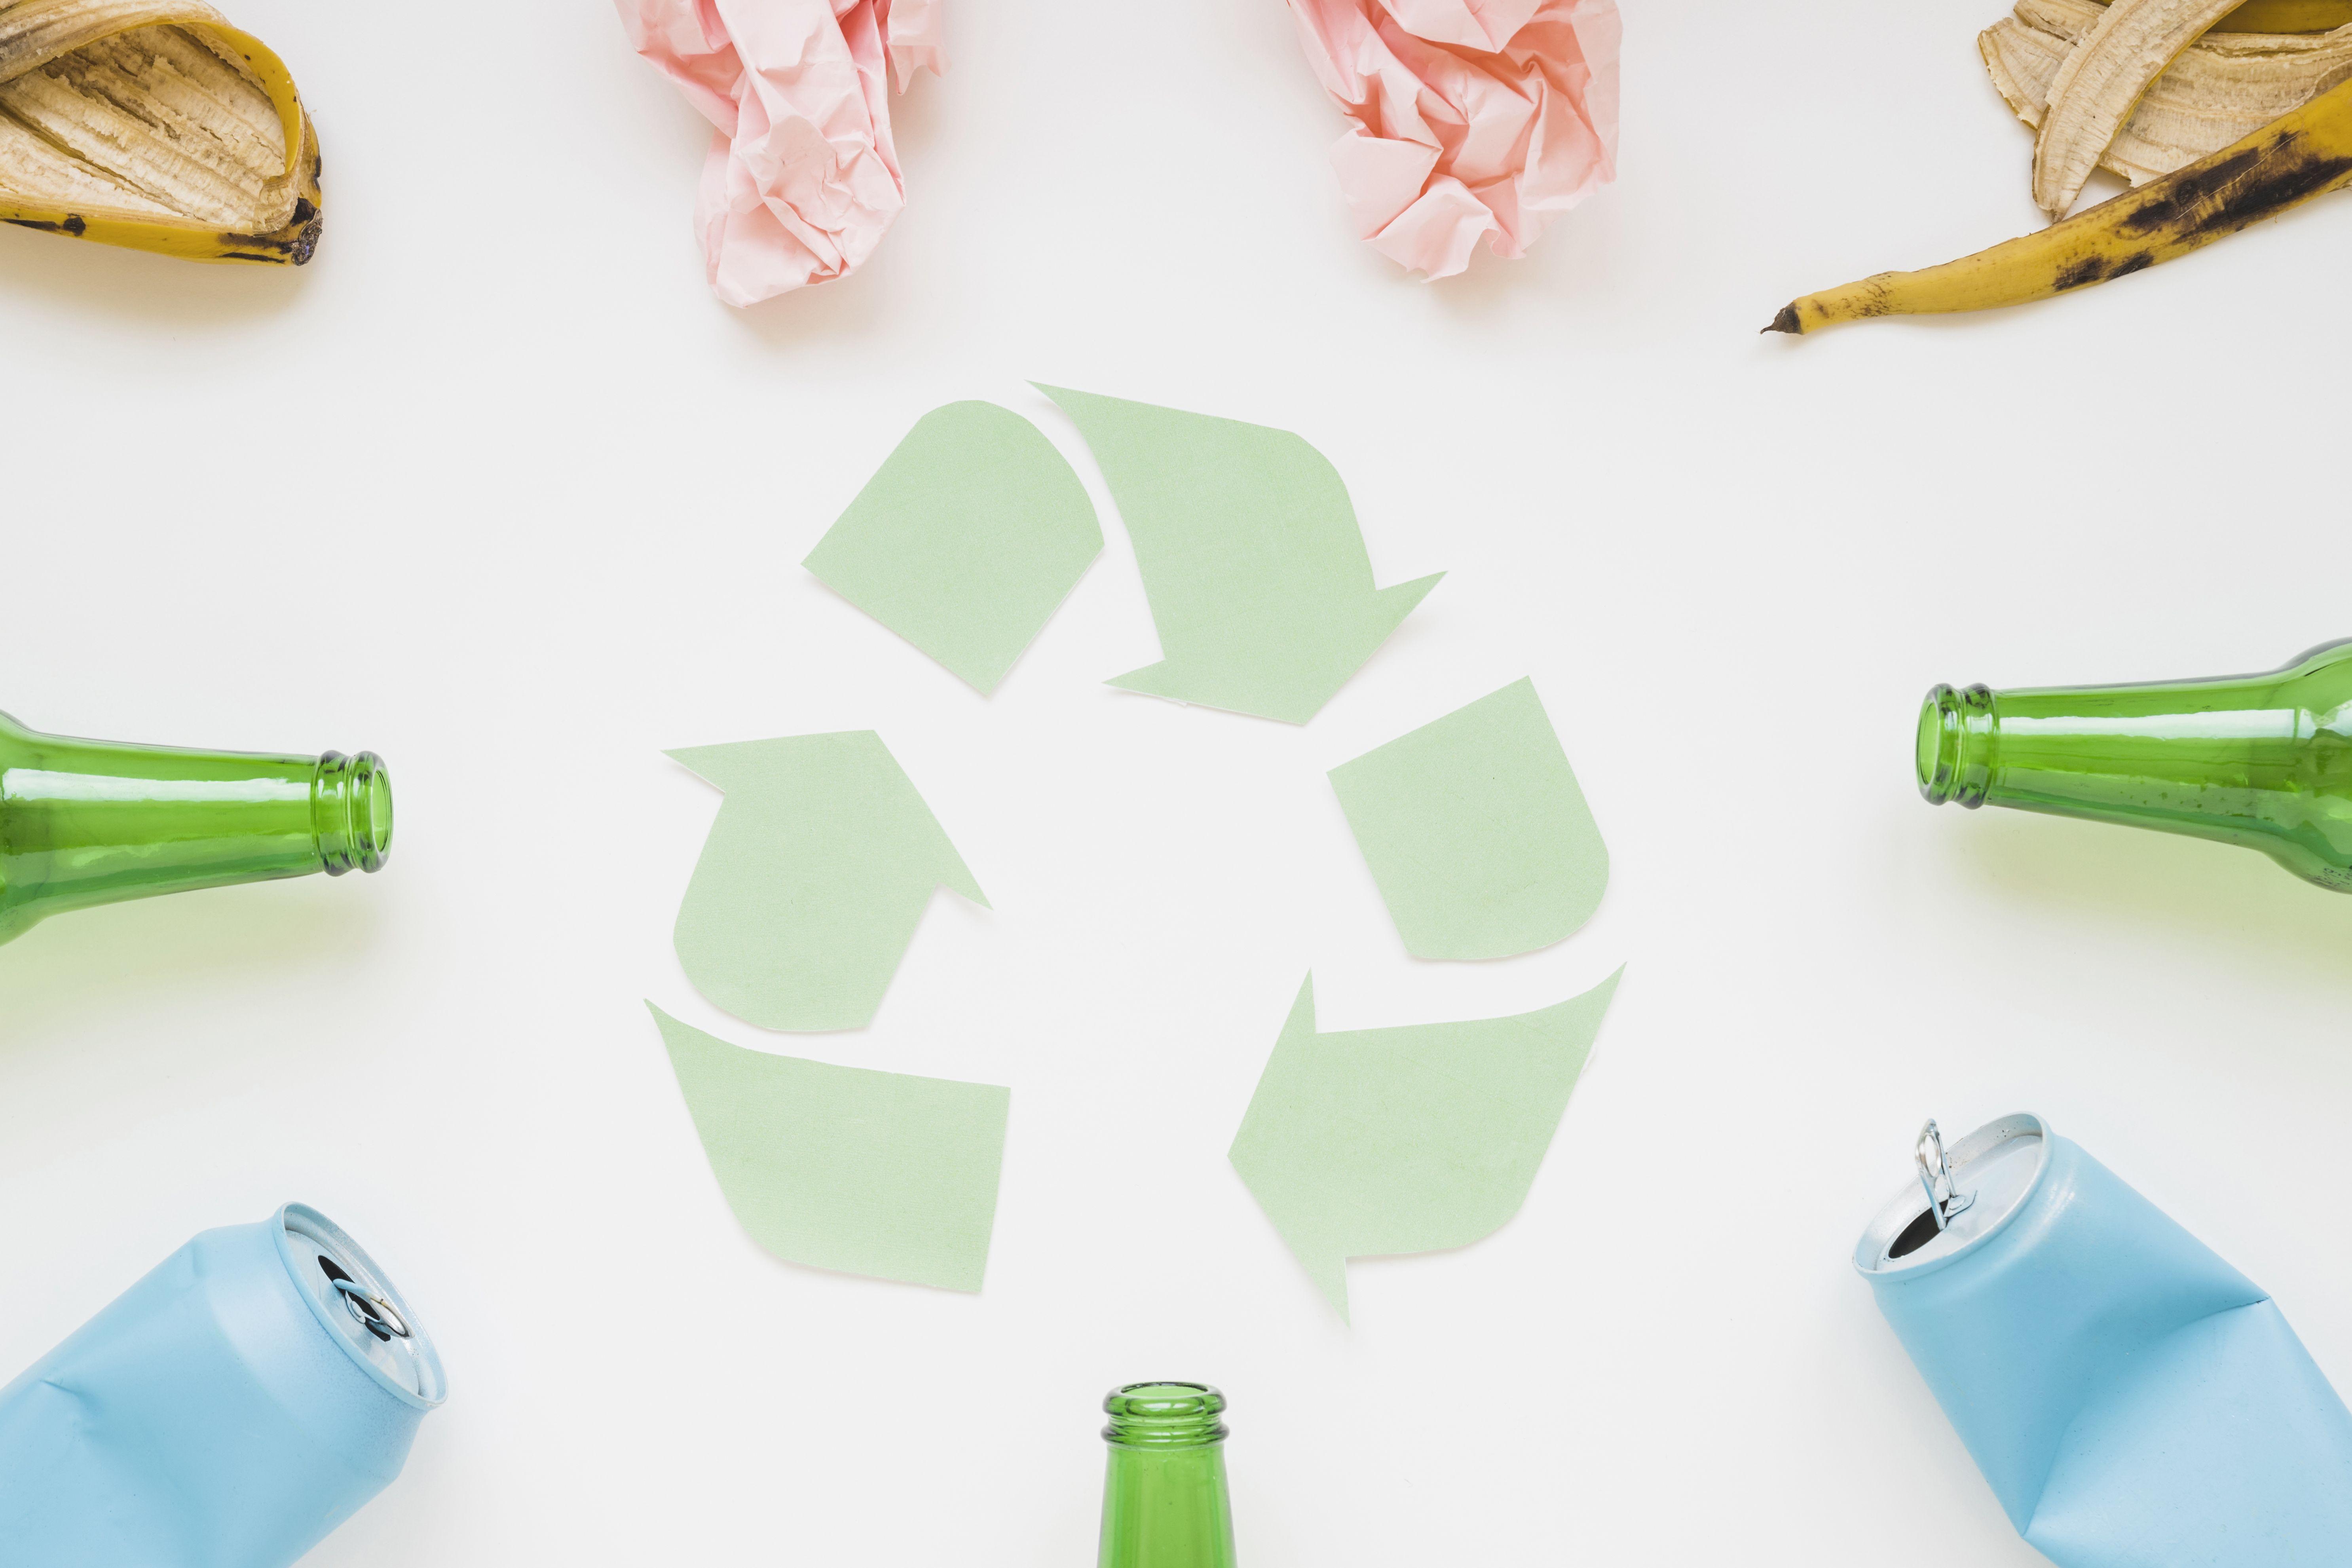 alimentacion-sostenible-desperdicios-ECOVIDRIO